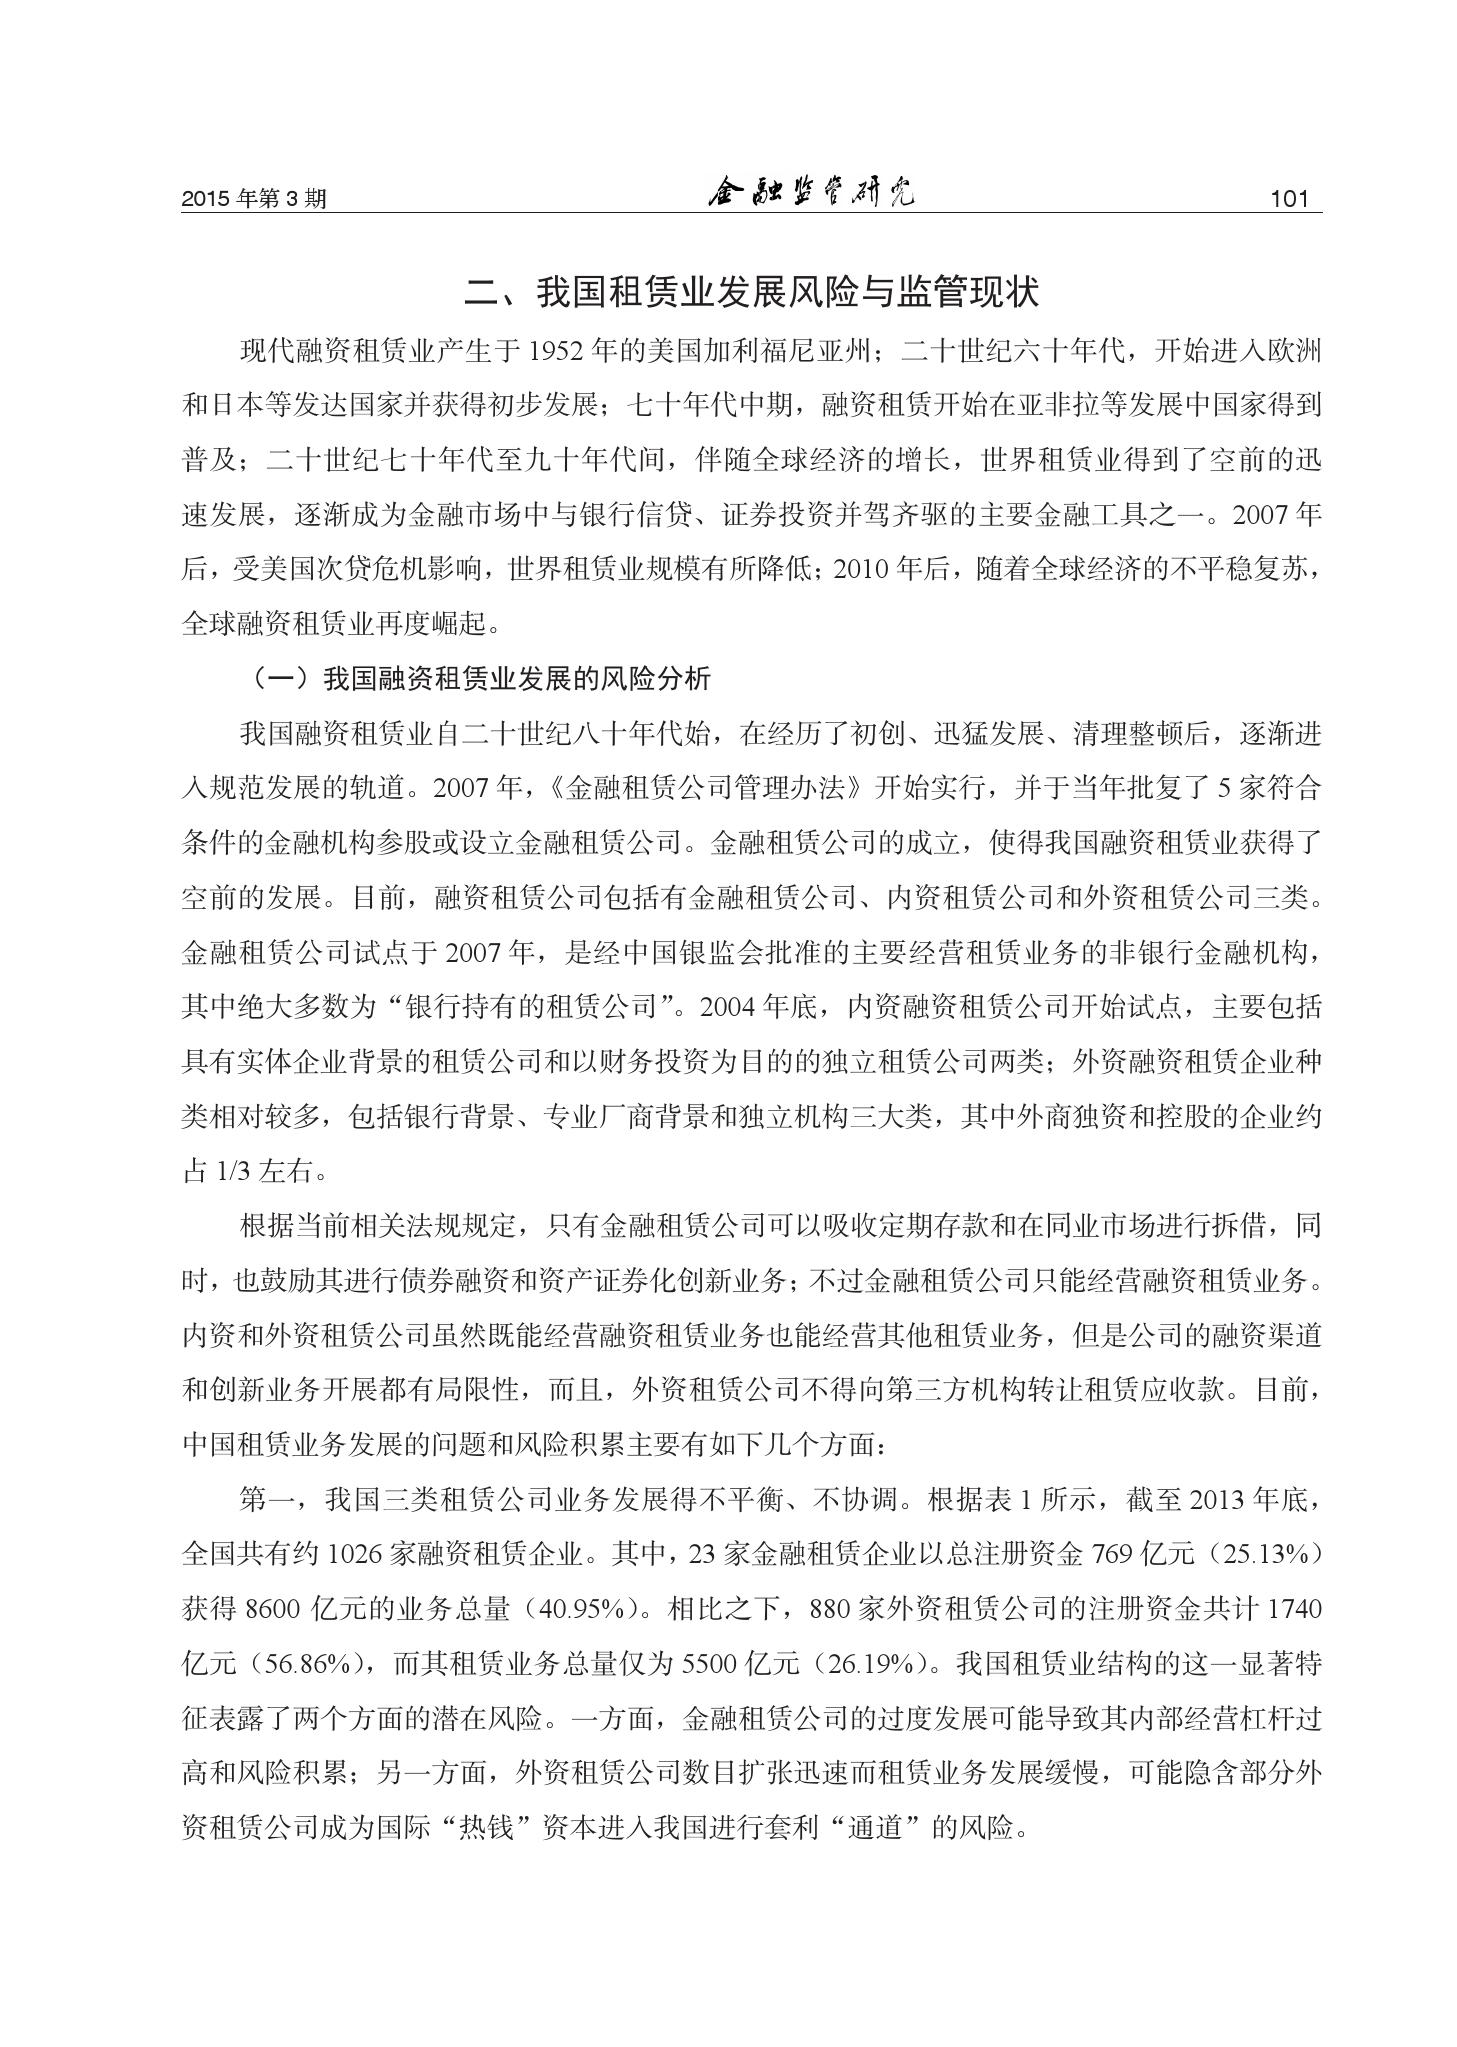 我国融资租赁业风险与监管研究_000003